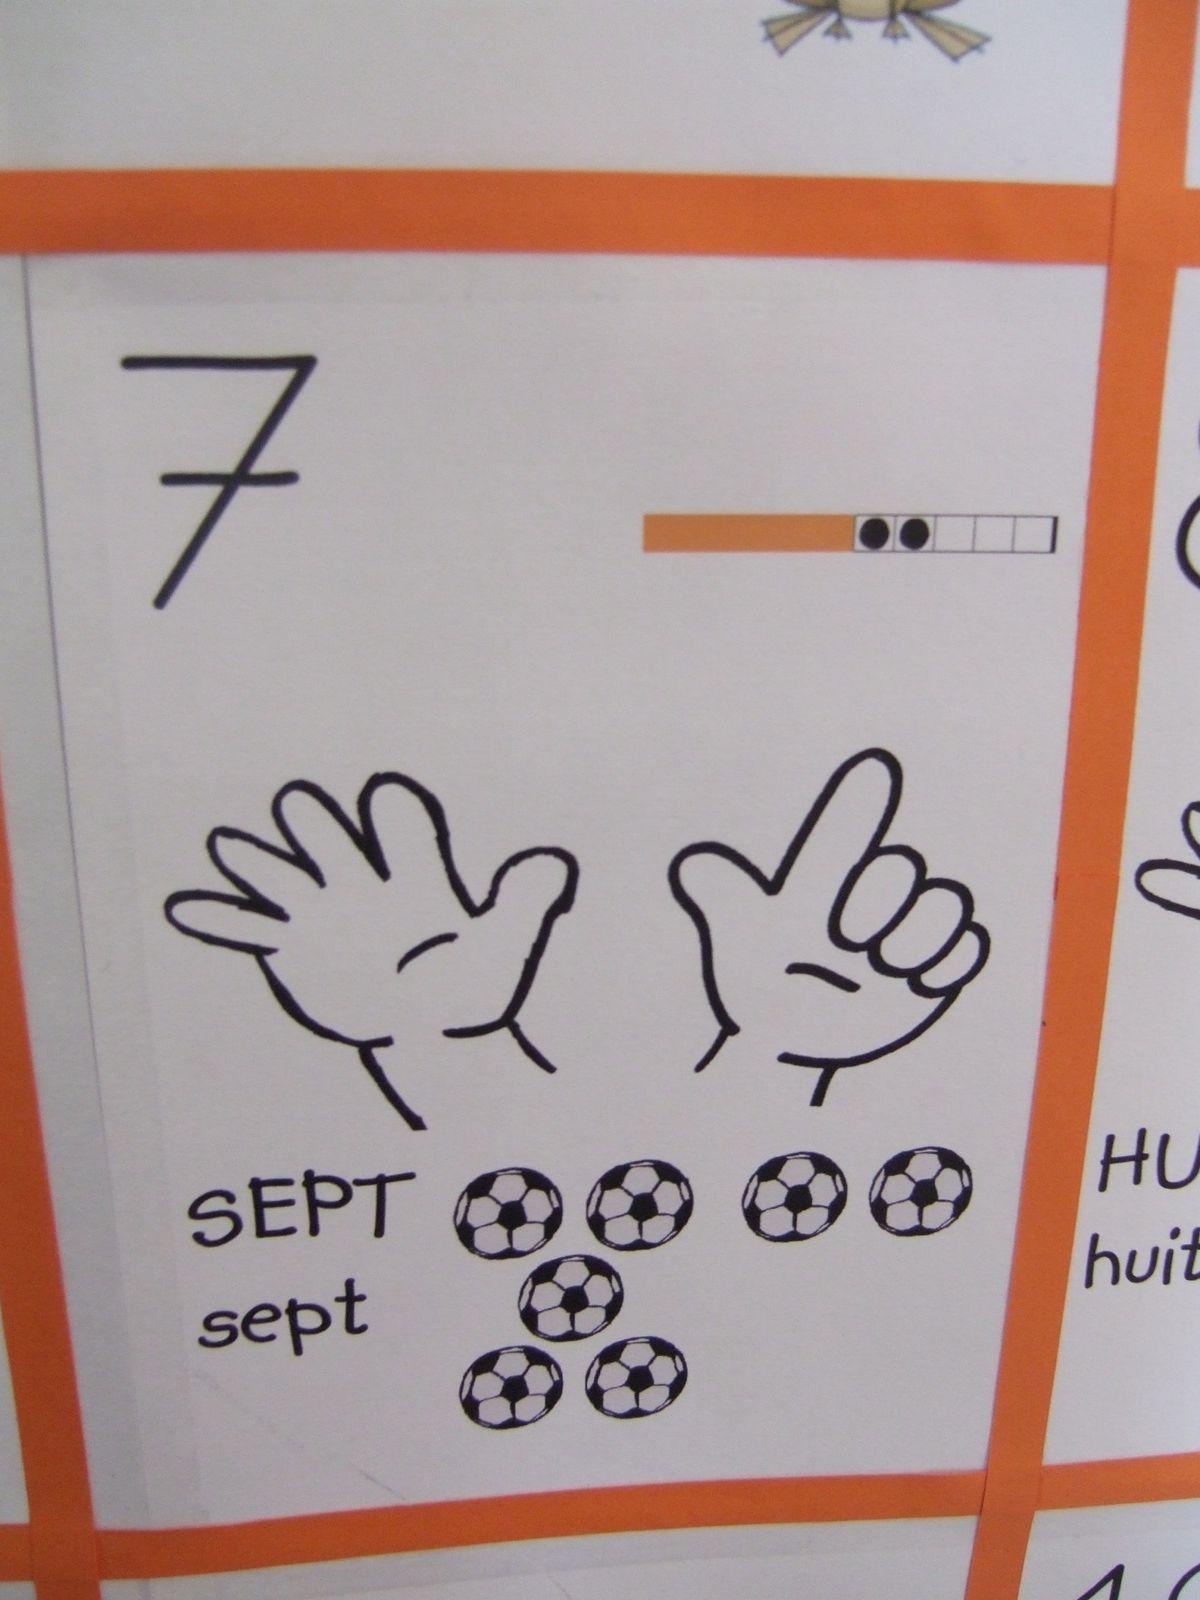 affiche faite maison pour apprendre a dénombrer et à compter avec les doigts, sur une porte